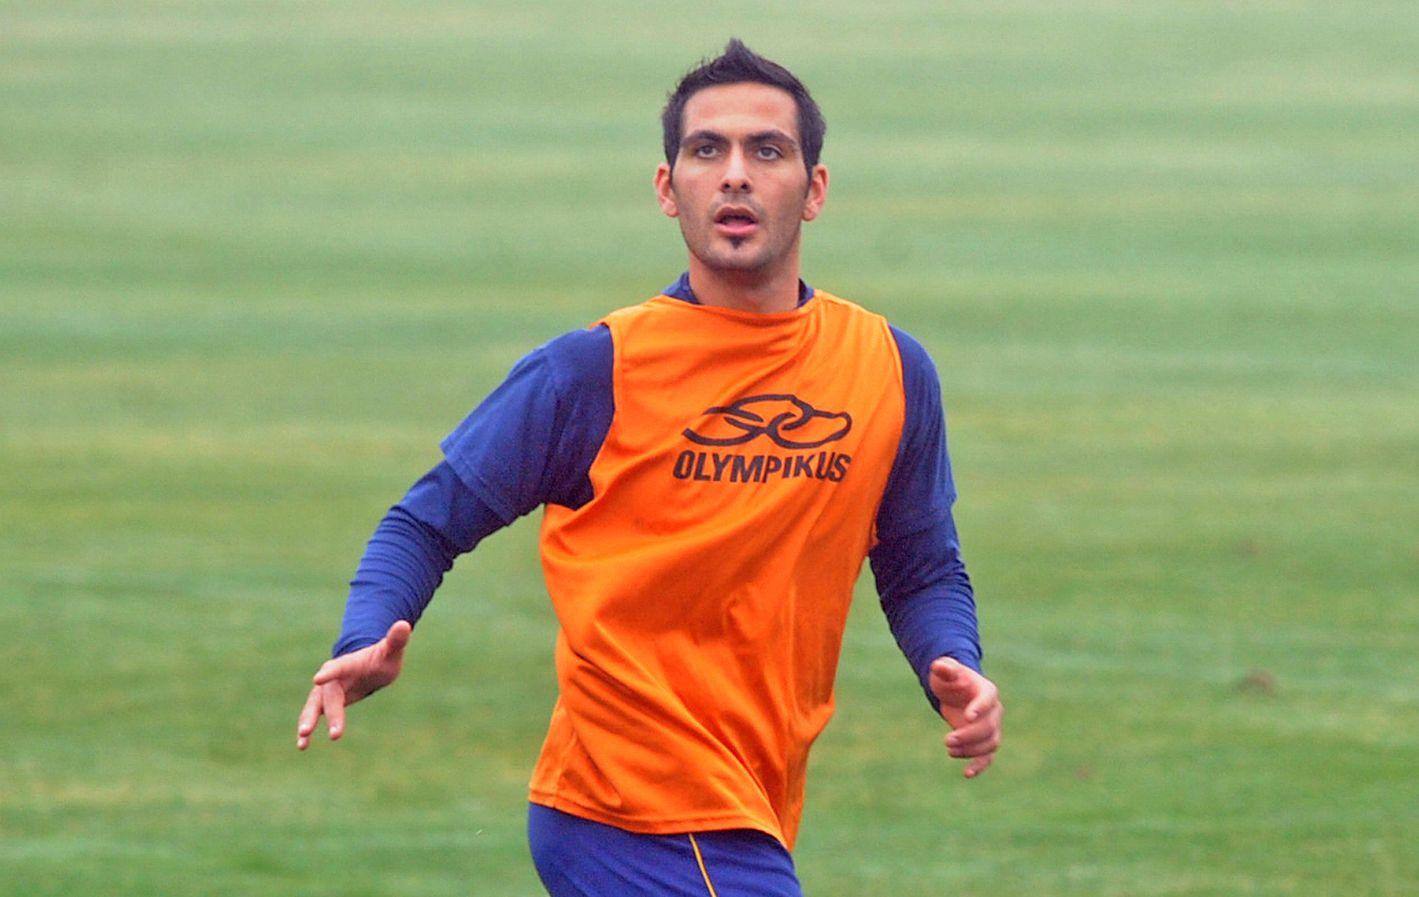 A la cancha. Ballini ingresará por Nery Domínguez en el mediocampo canalla.